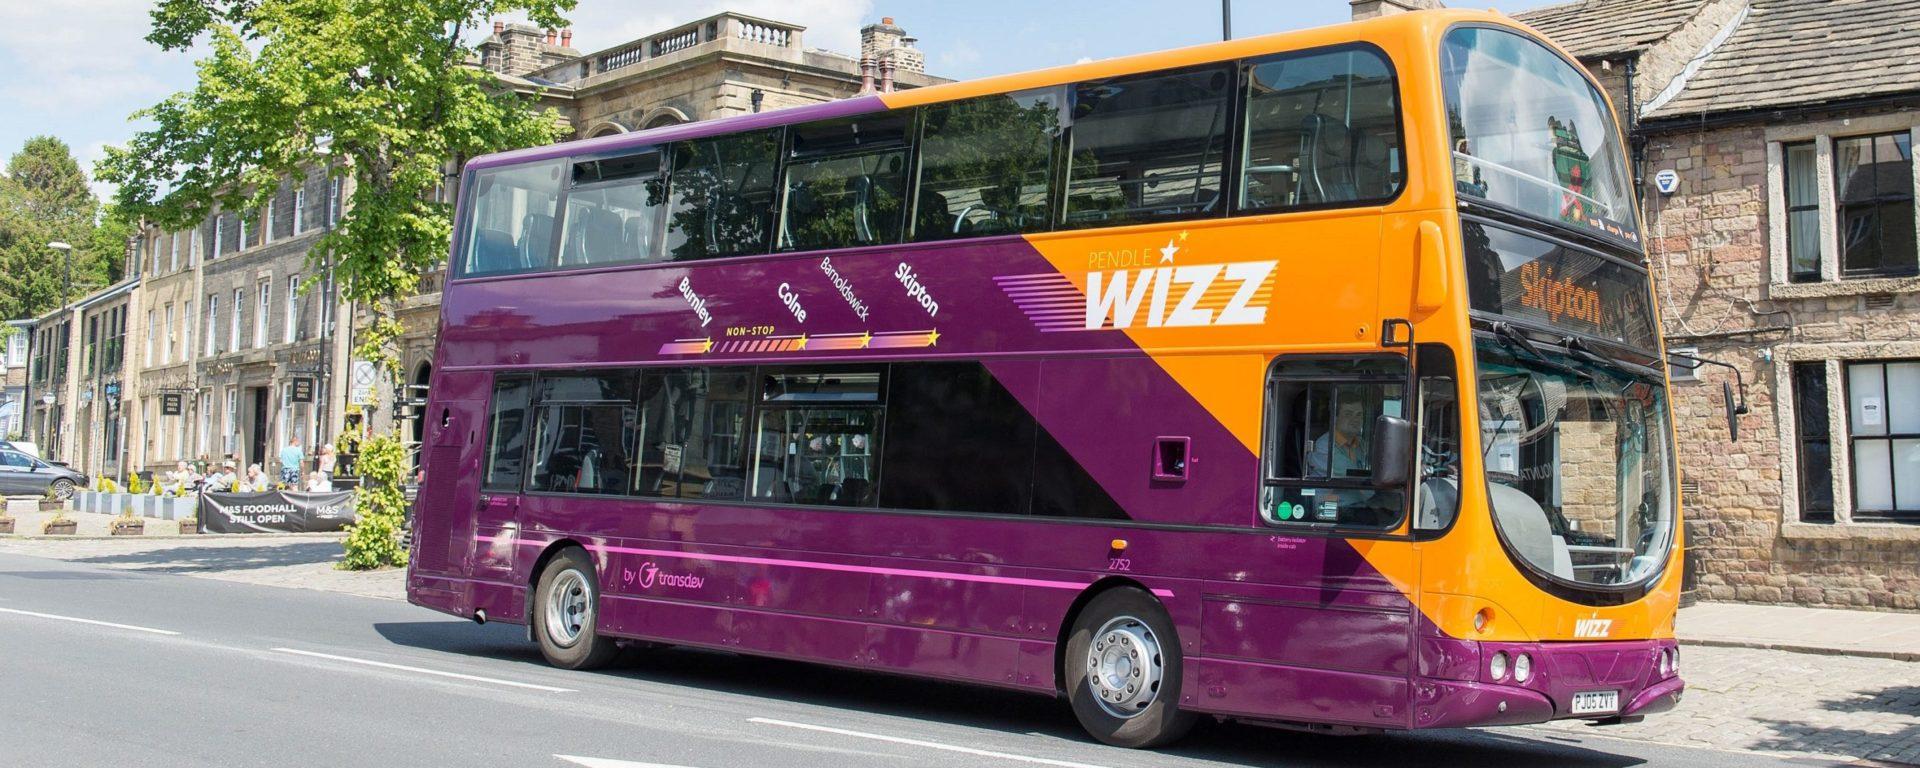 wizz-pic